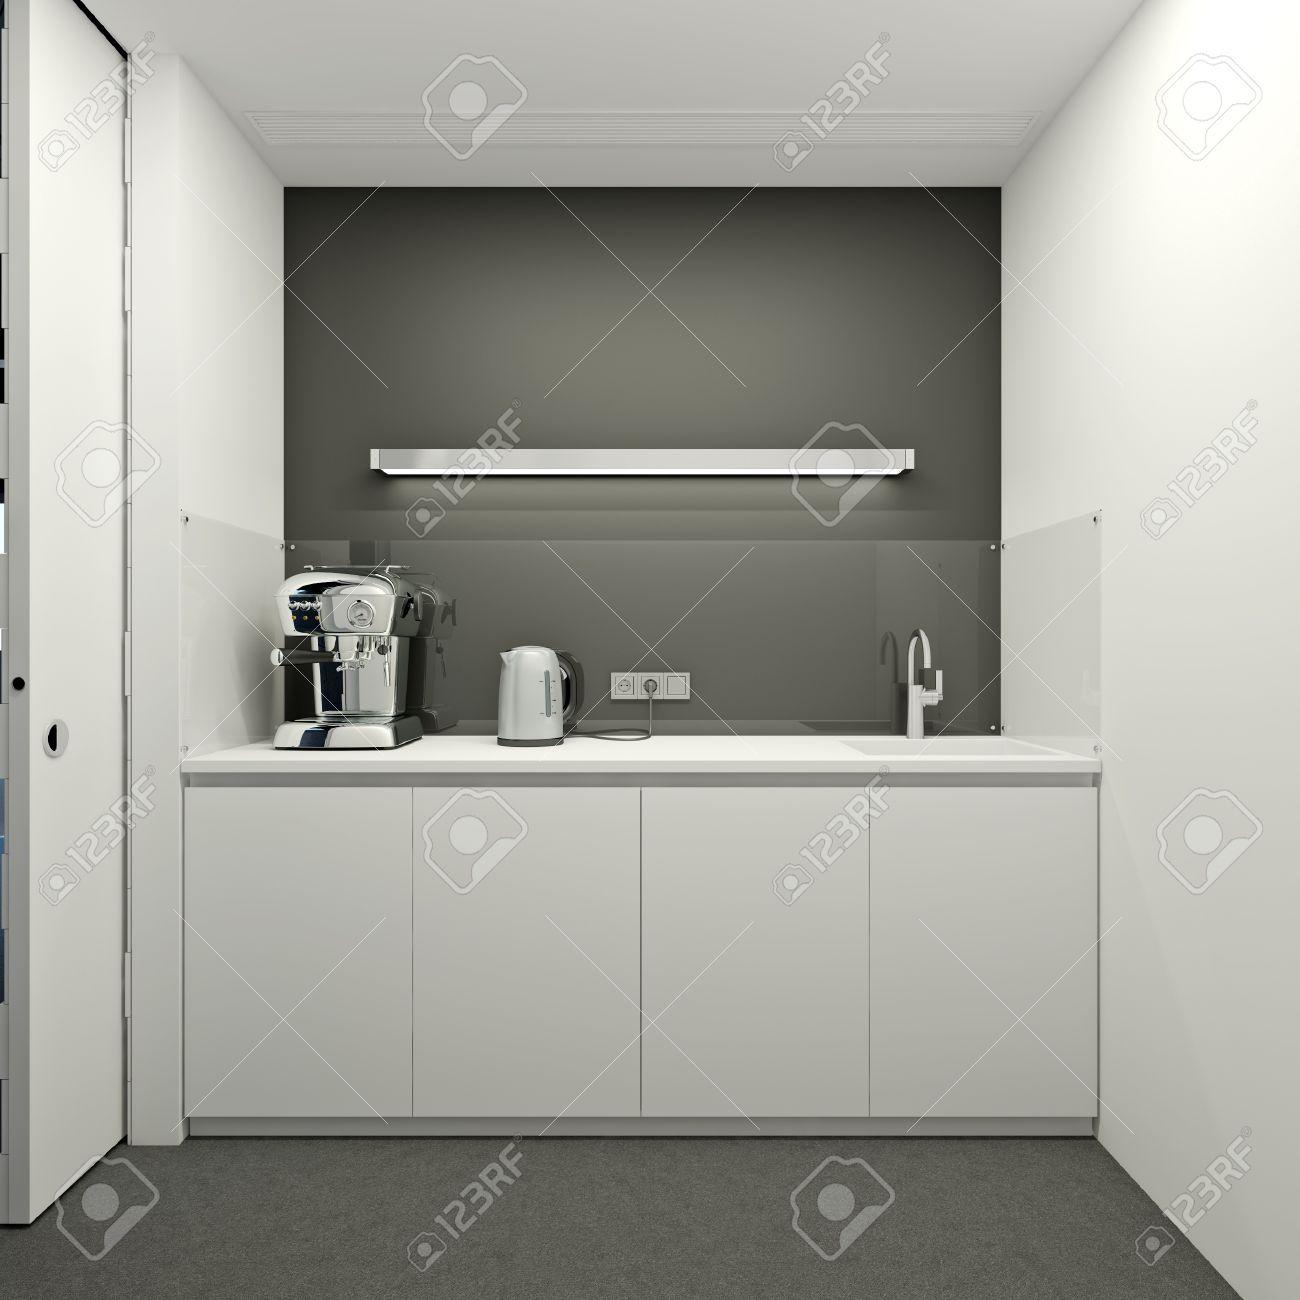 Keuken In Een Modern Kantoor In De Kleur Wit Royalty-Vrije Foto ...